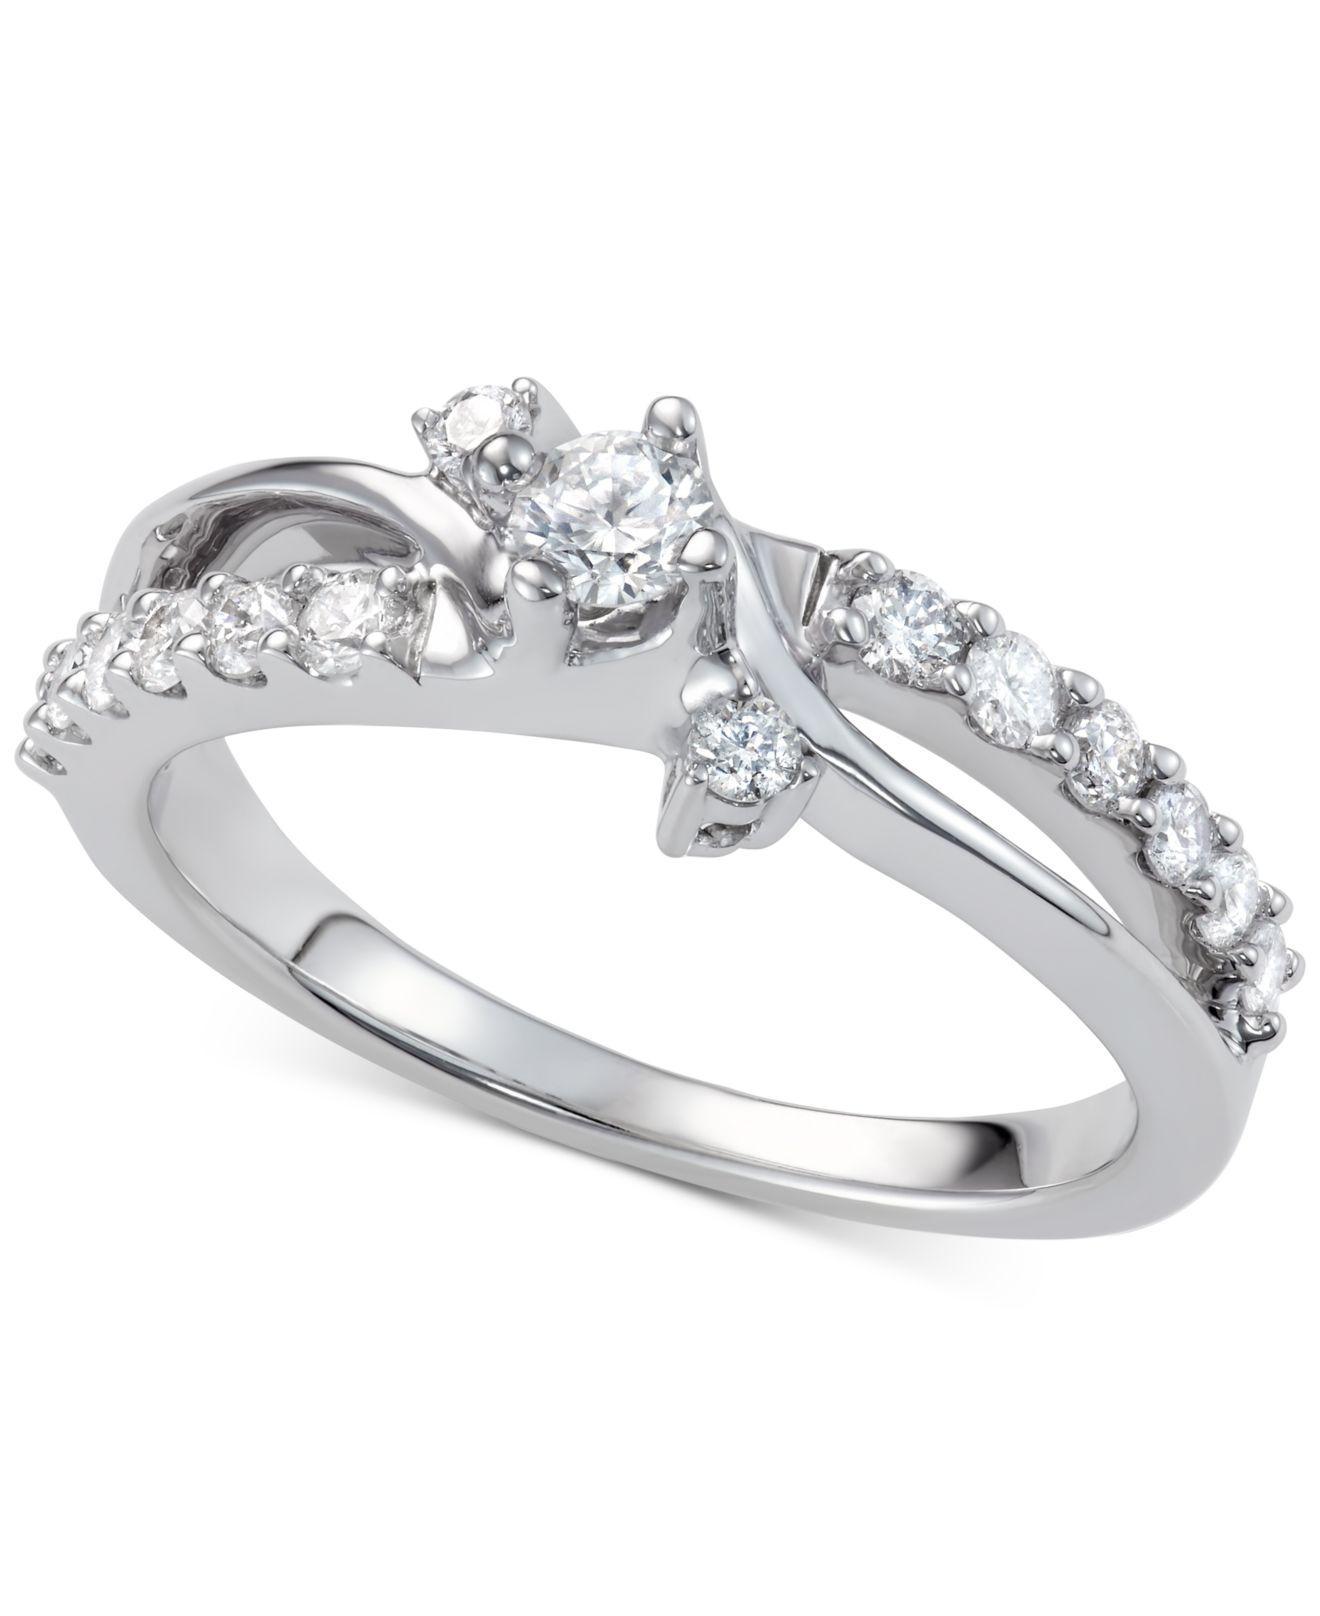 Macy s Diamond Swirl Engagement Ring 7 8 Ct T w In 14k White